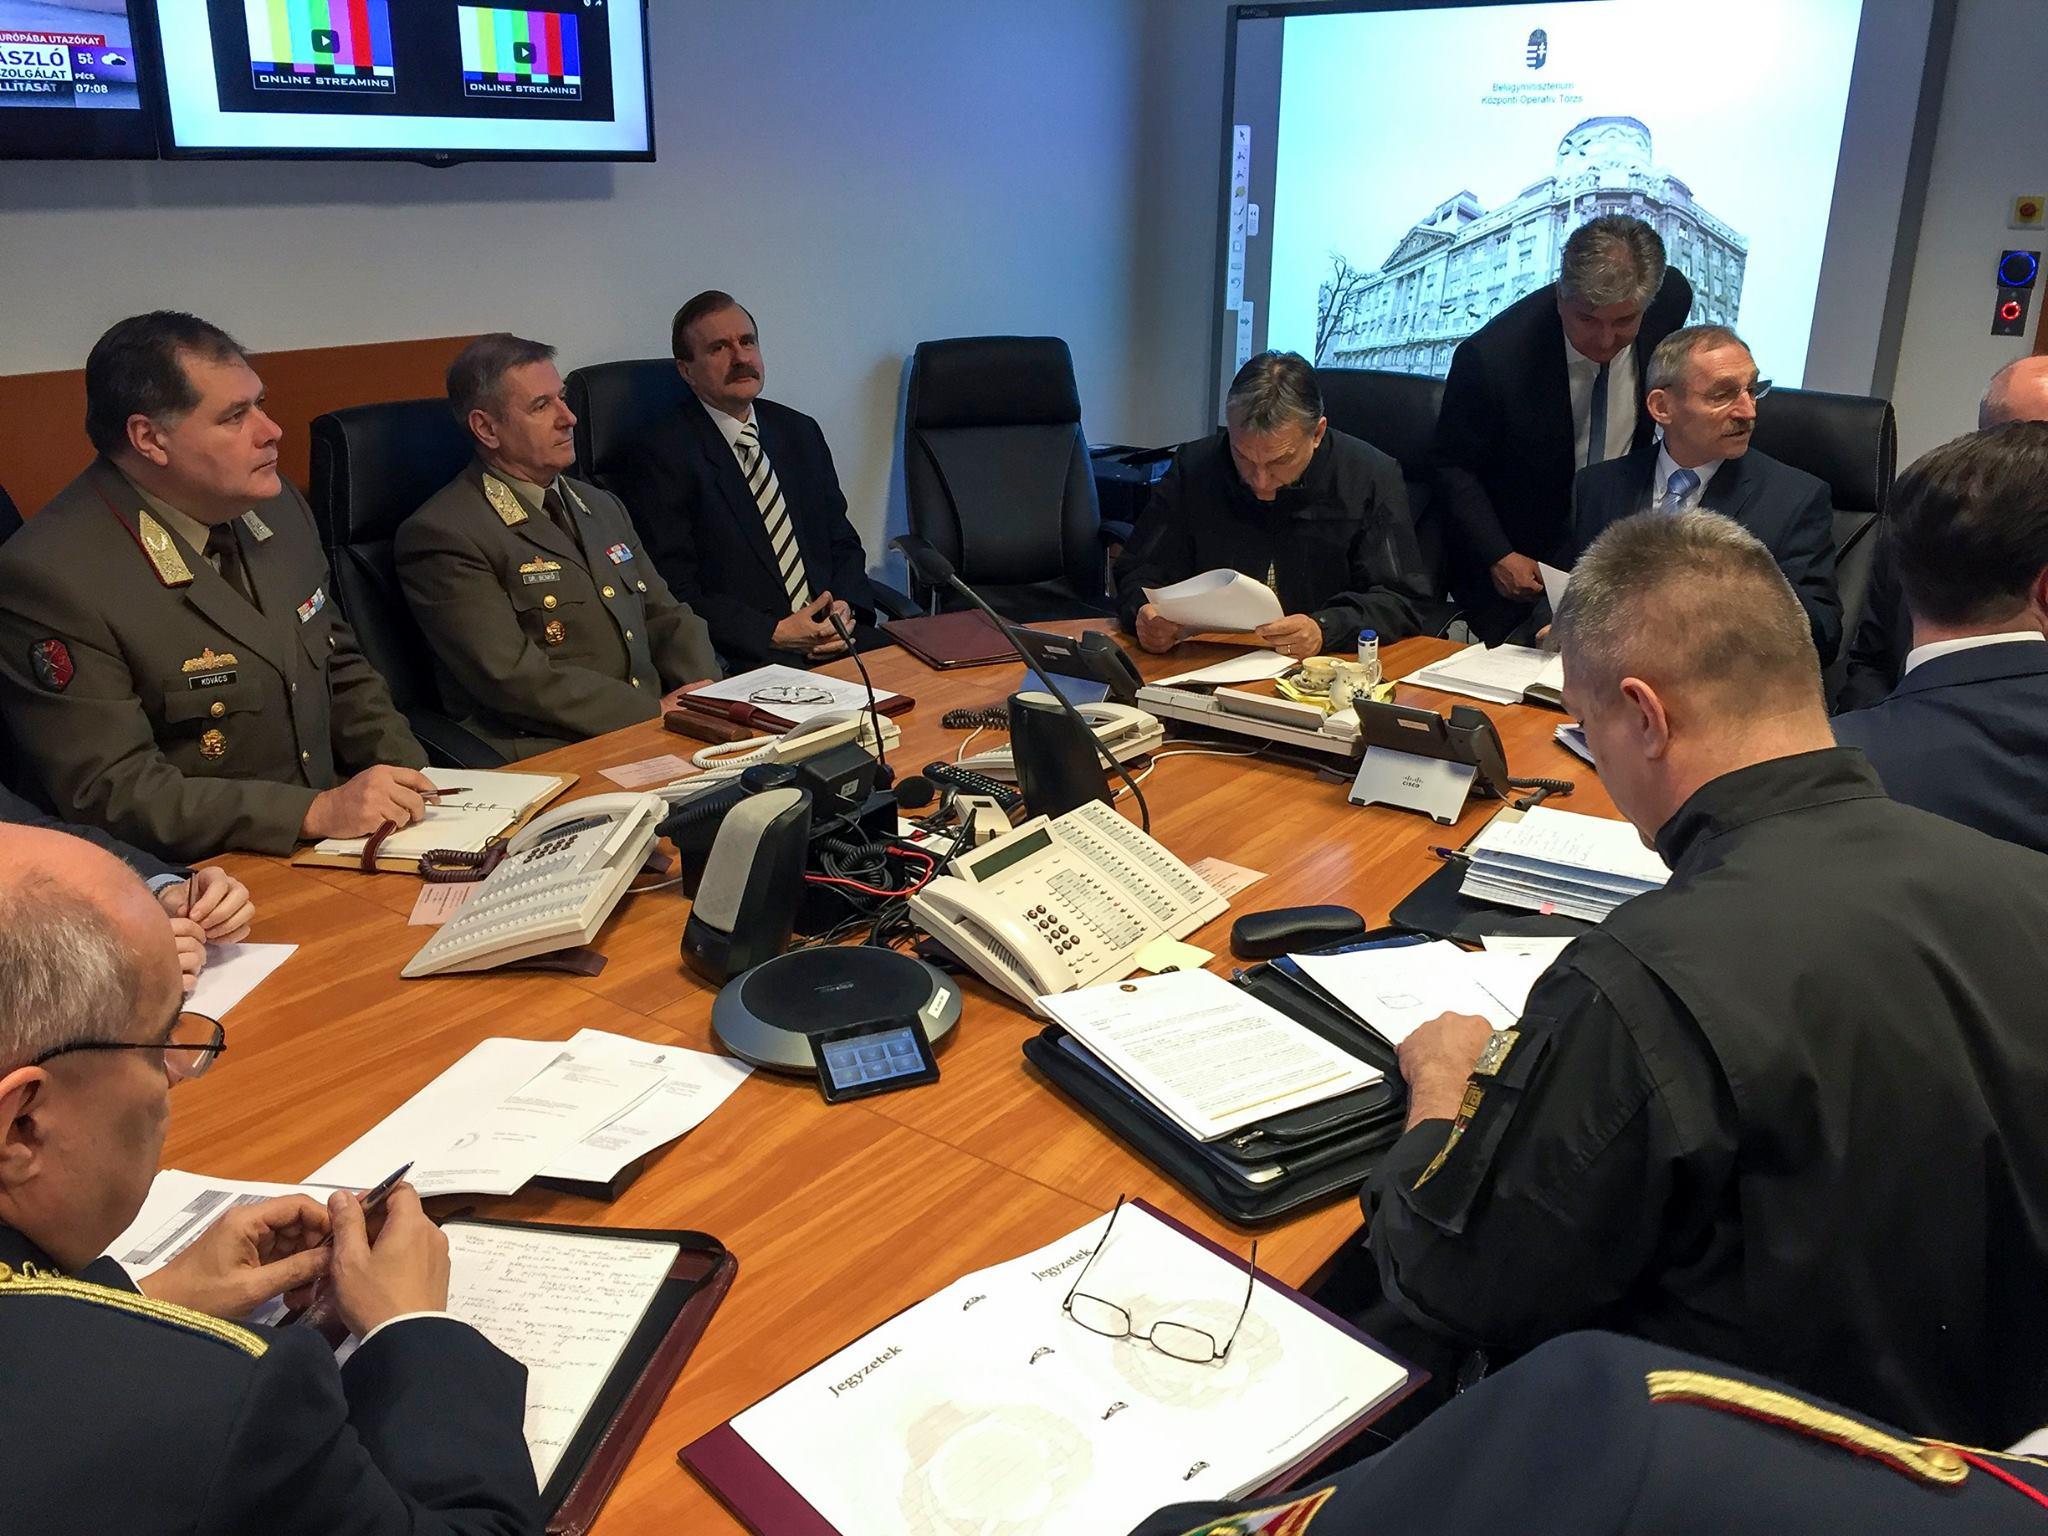 Munkacsoport alakul a nemzeti biztonsági stratégia felülvizsgálatára